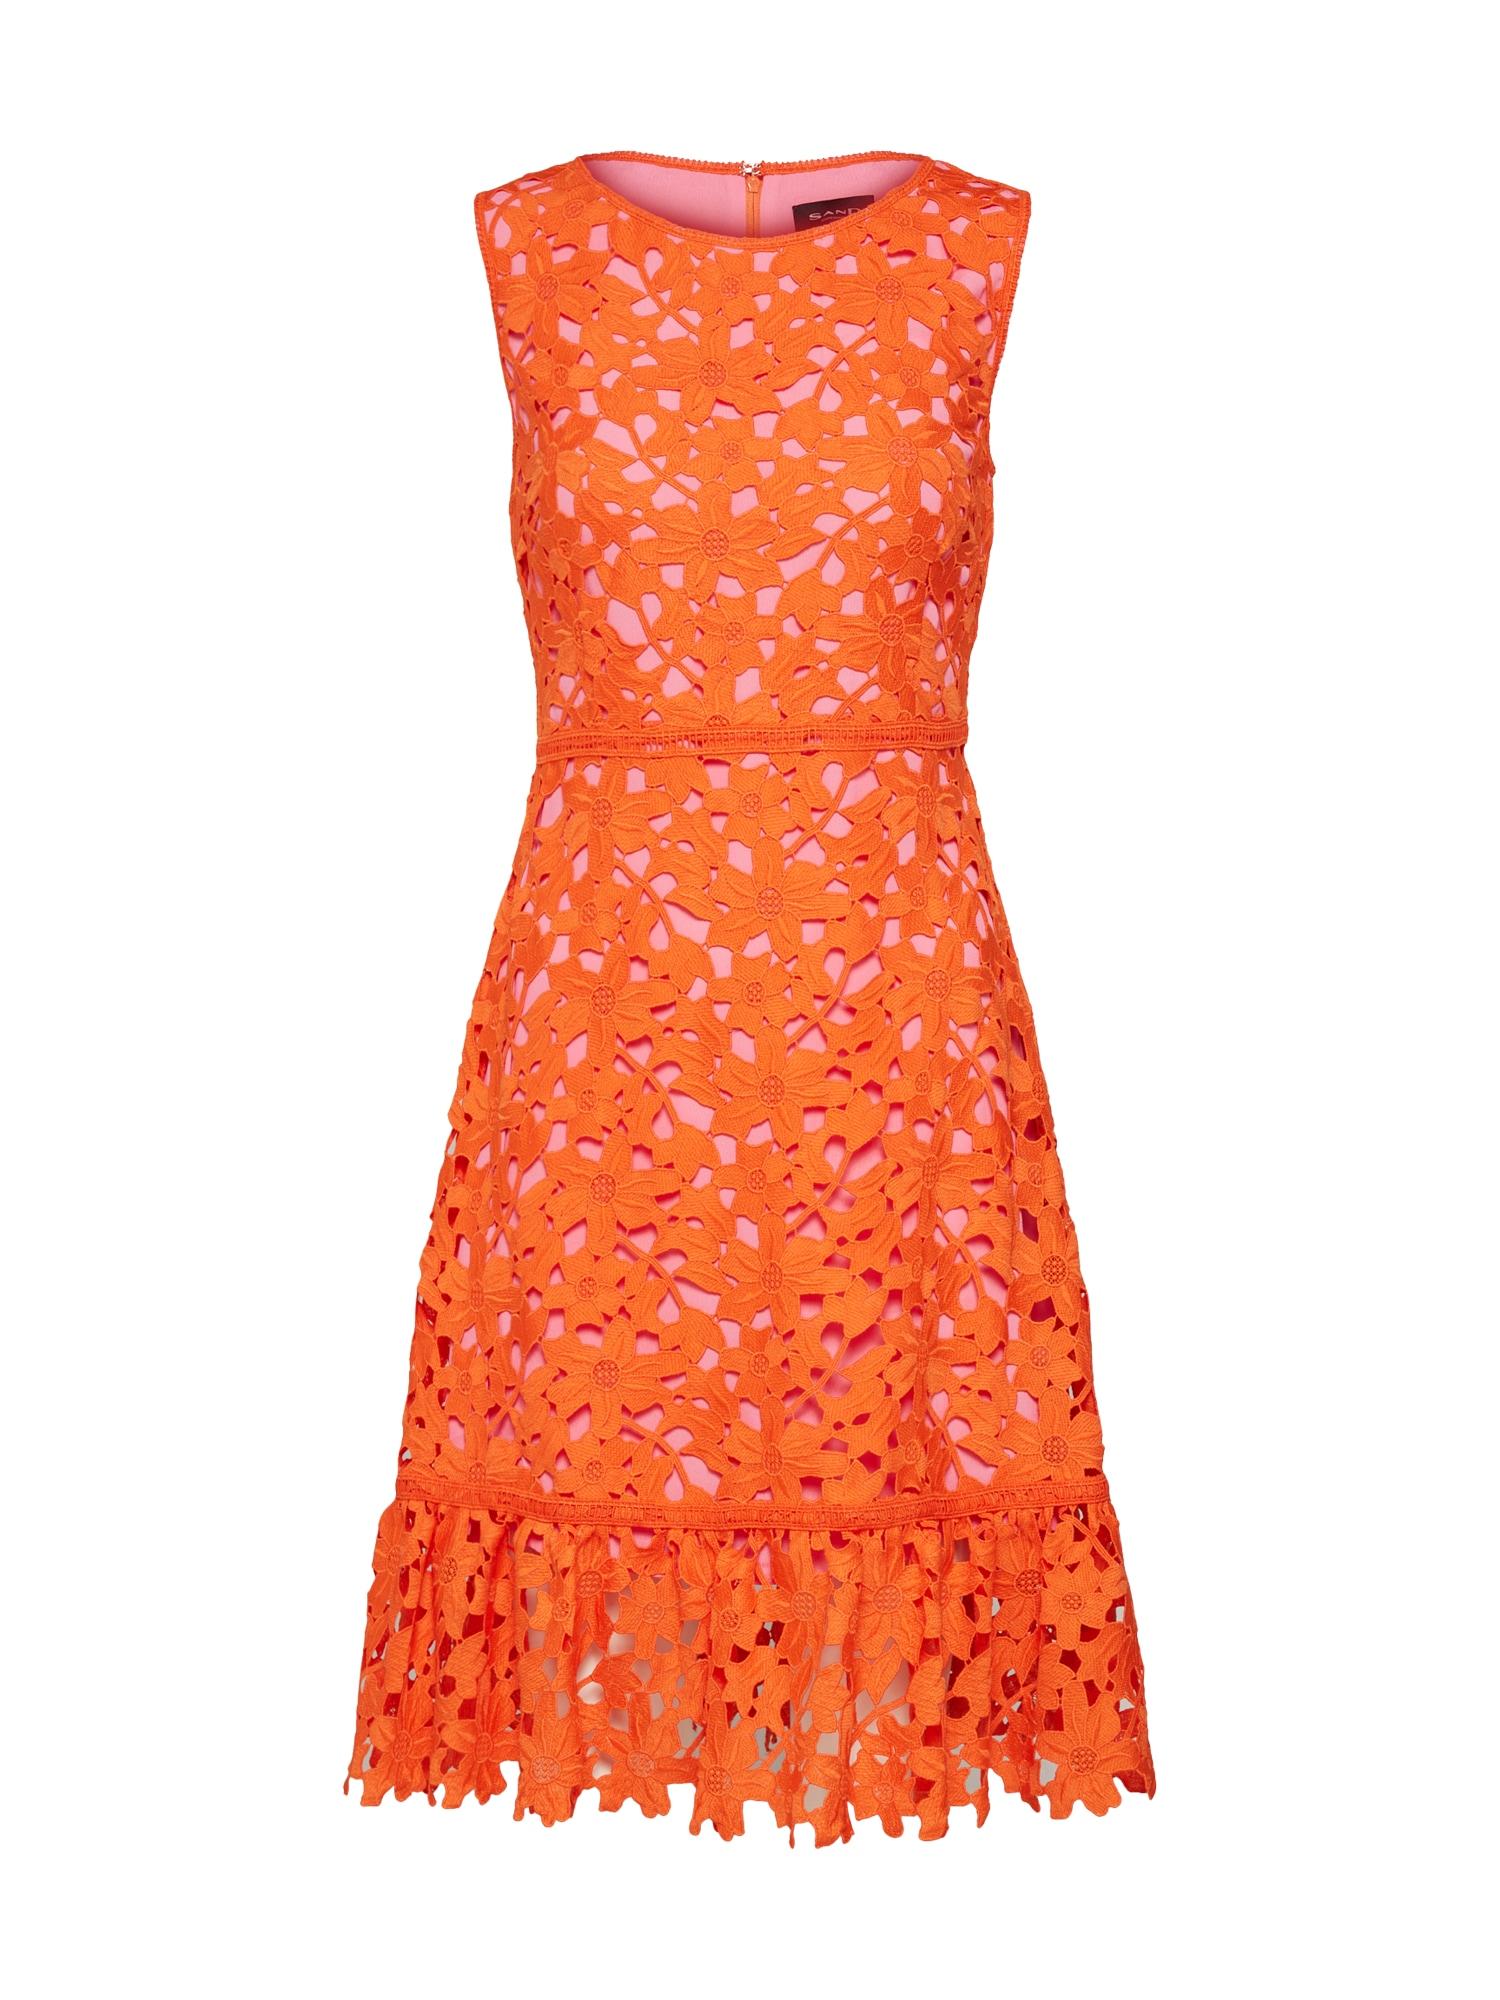 Šaty Jo tmavě oranžová SAND COPENHAGEN